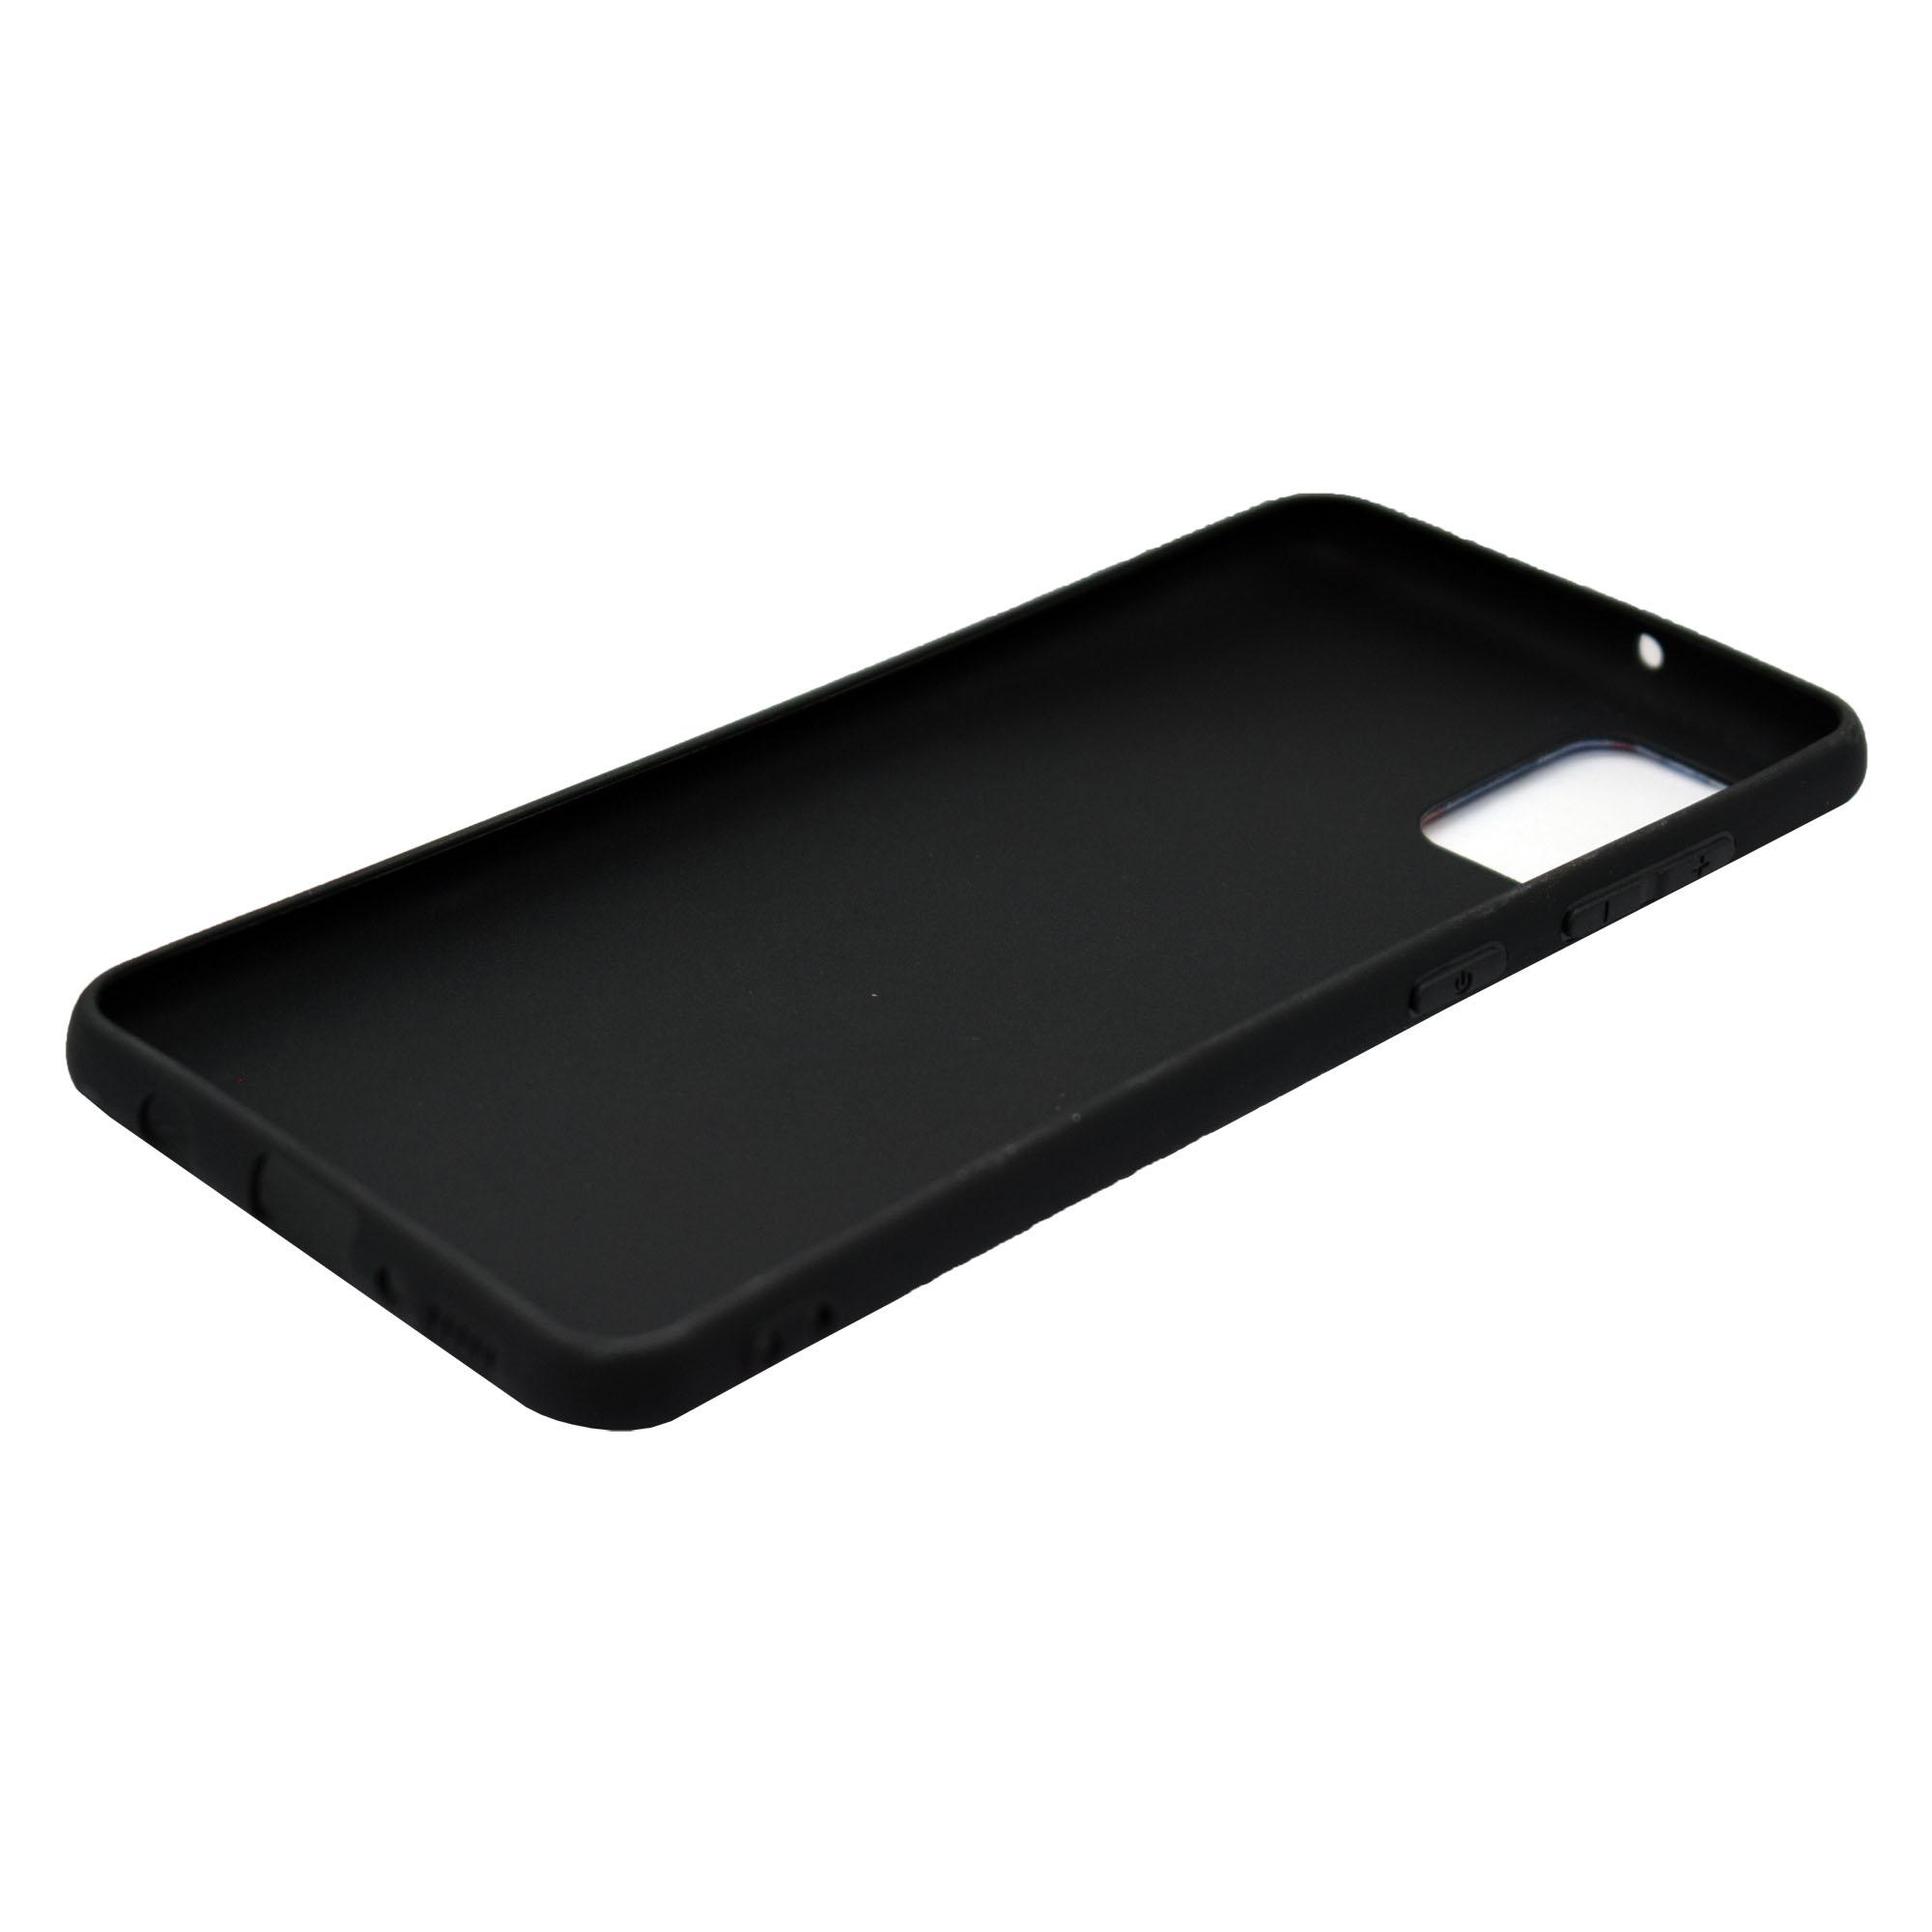 کاور مدل F5 مناسب برای گوشی موبایل سامسونگ Galaxy A31 thumb 2 2